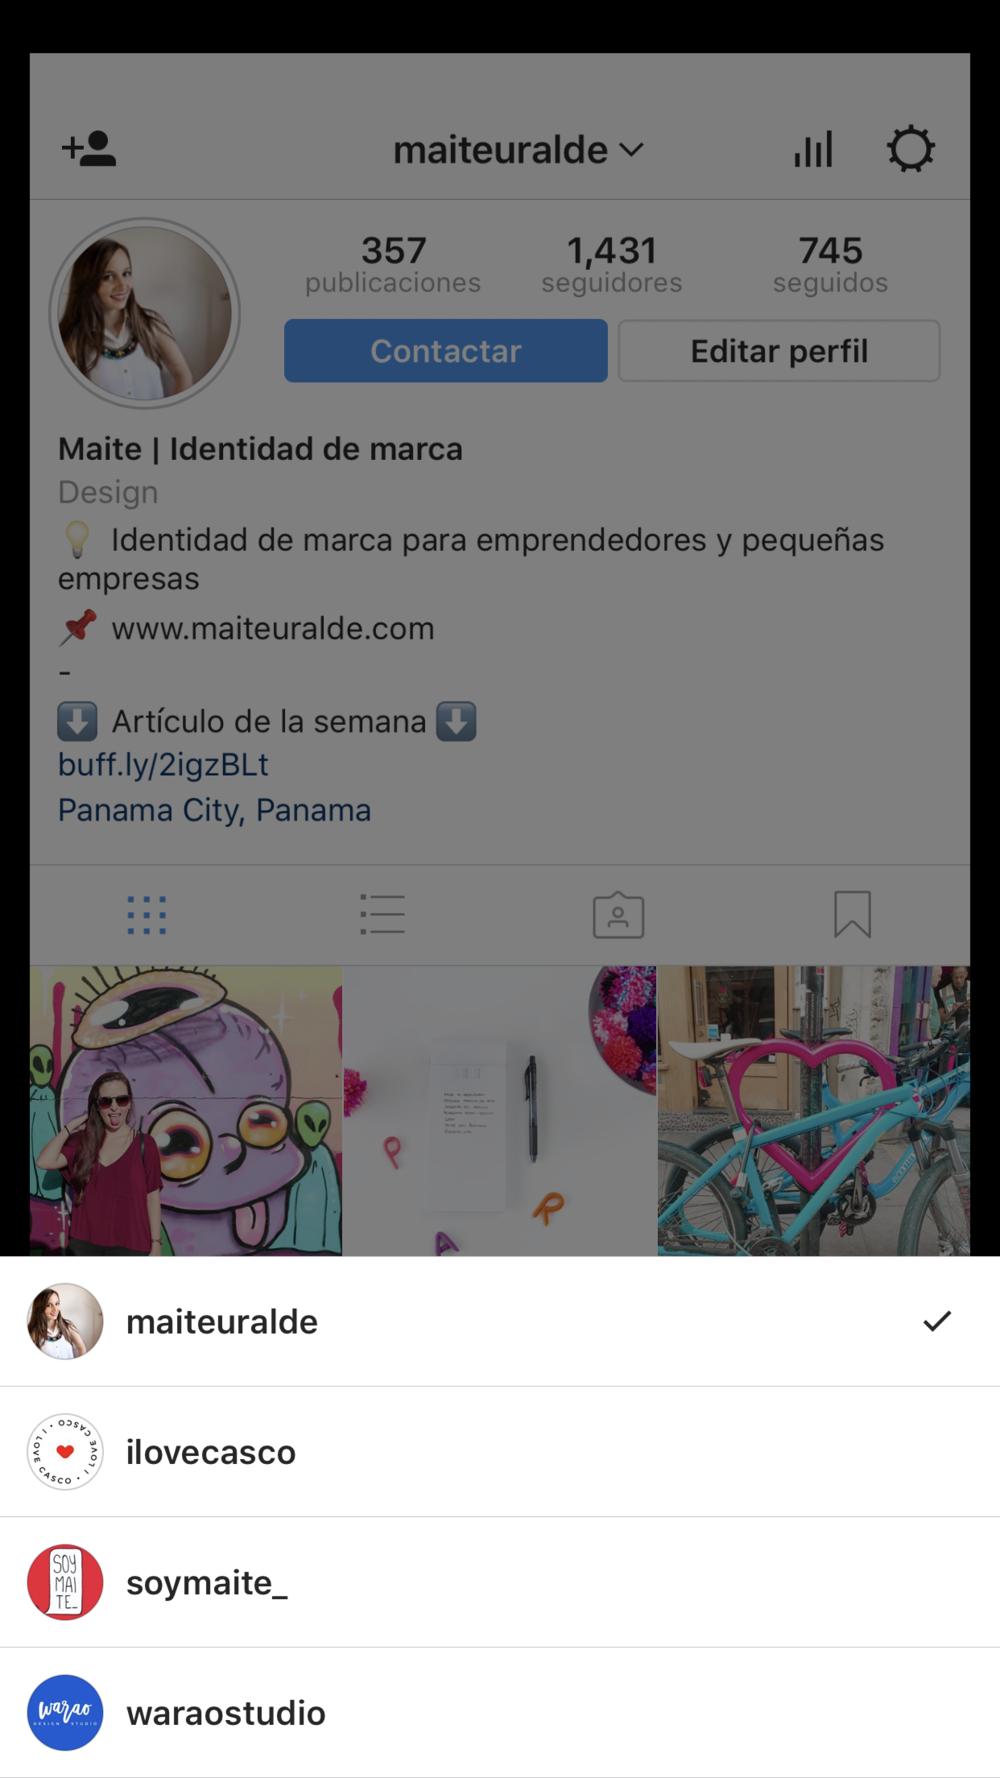 Instagram multiples cuentas